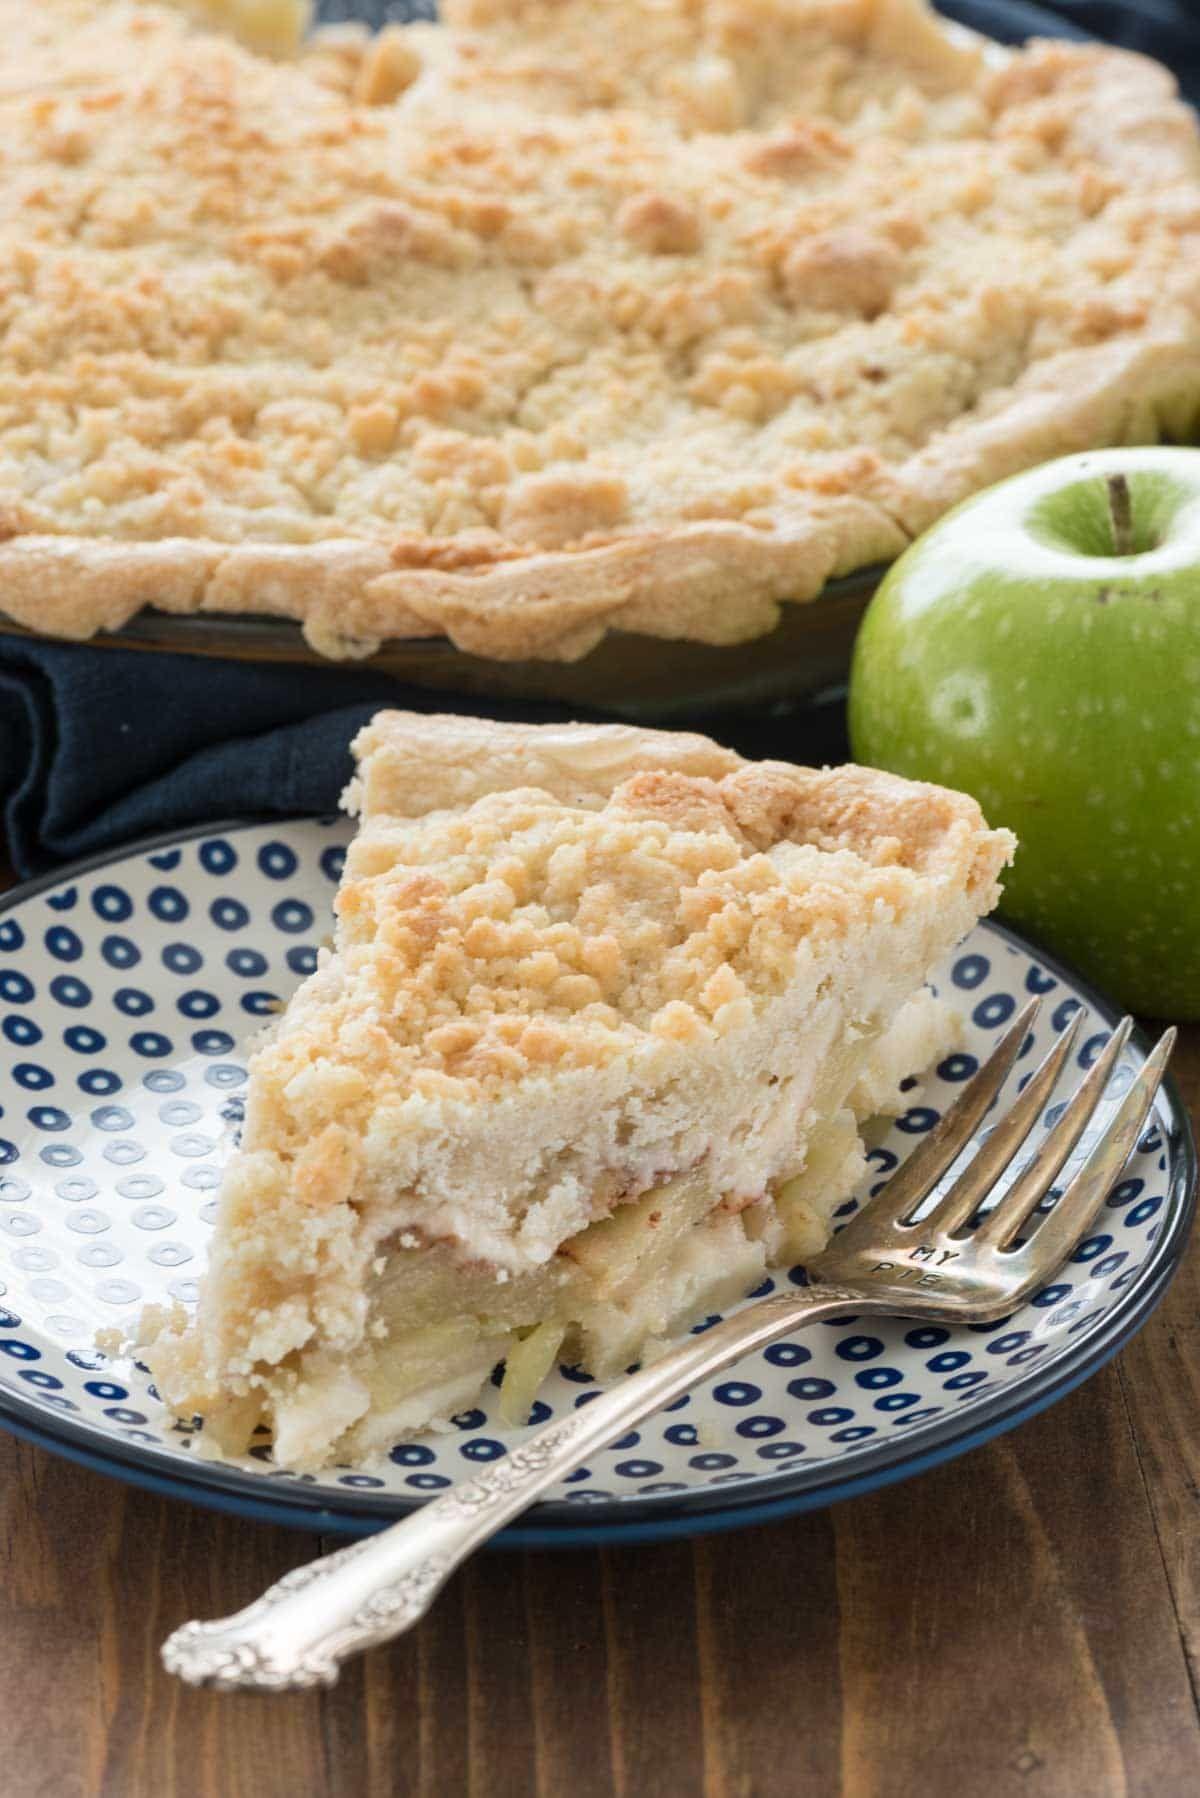 granny-smith-apple-pies-ffucking-pictures-of-katrina-kaif